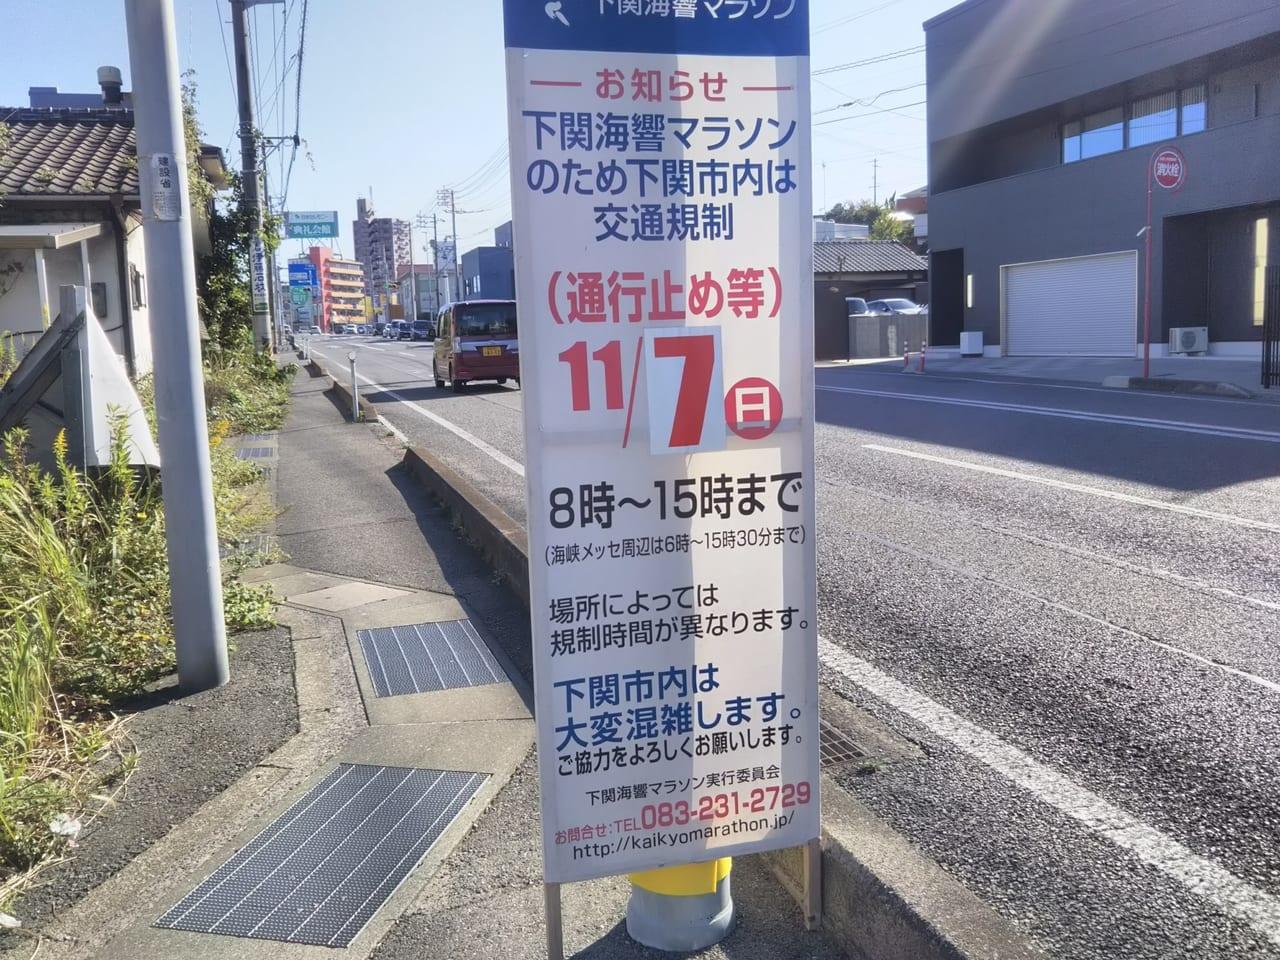 海響マラソン2021交通規制